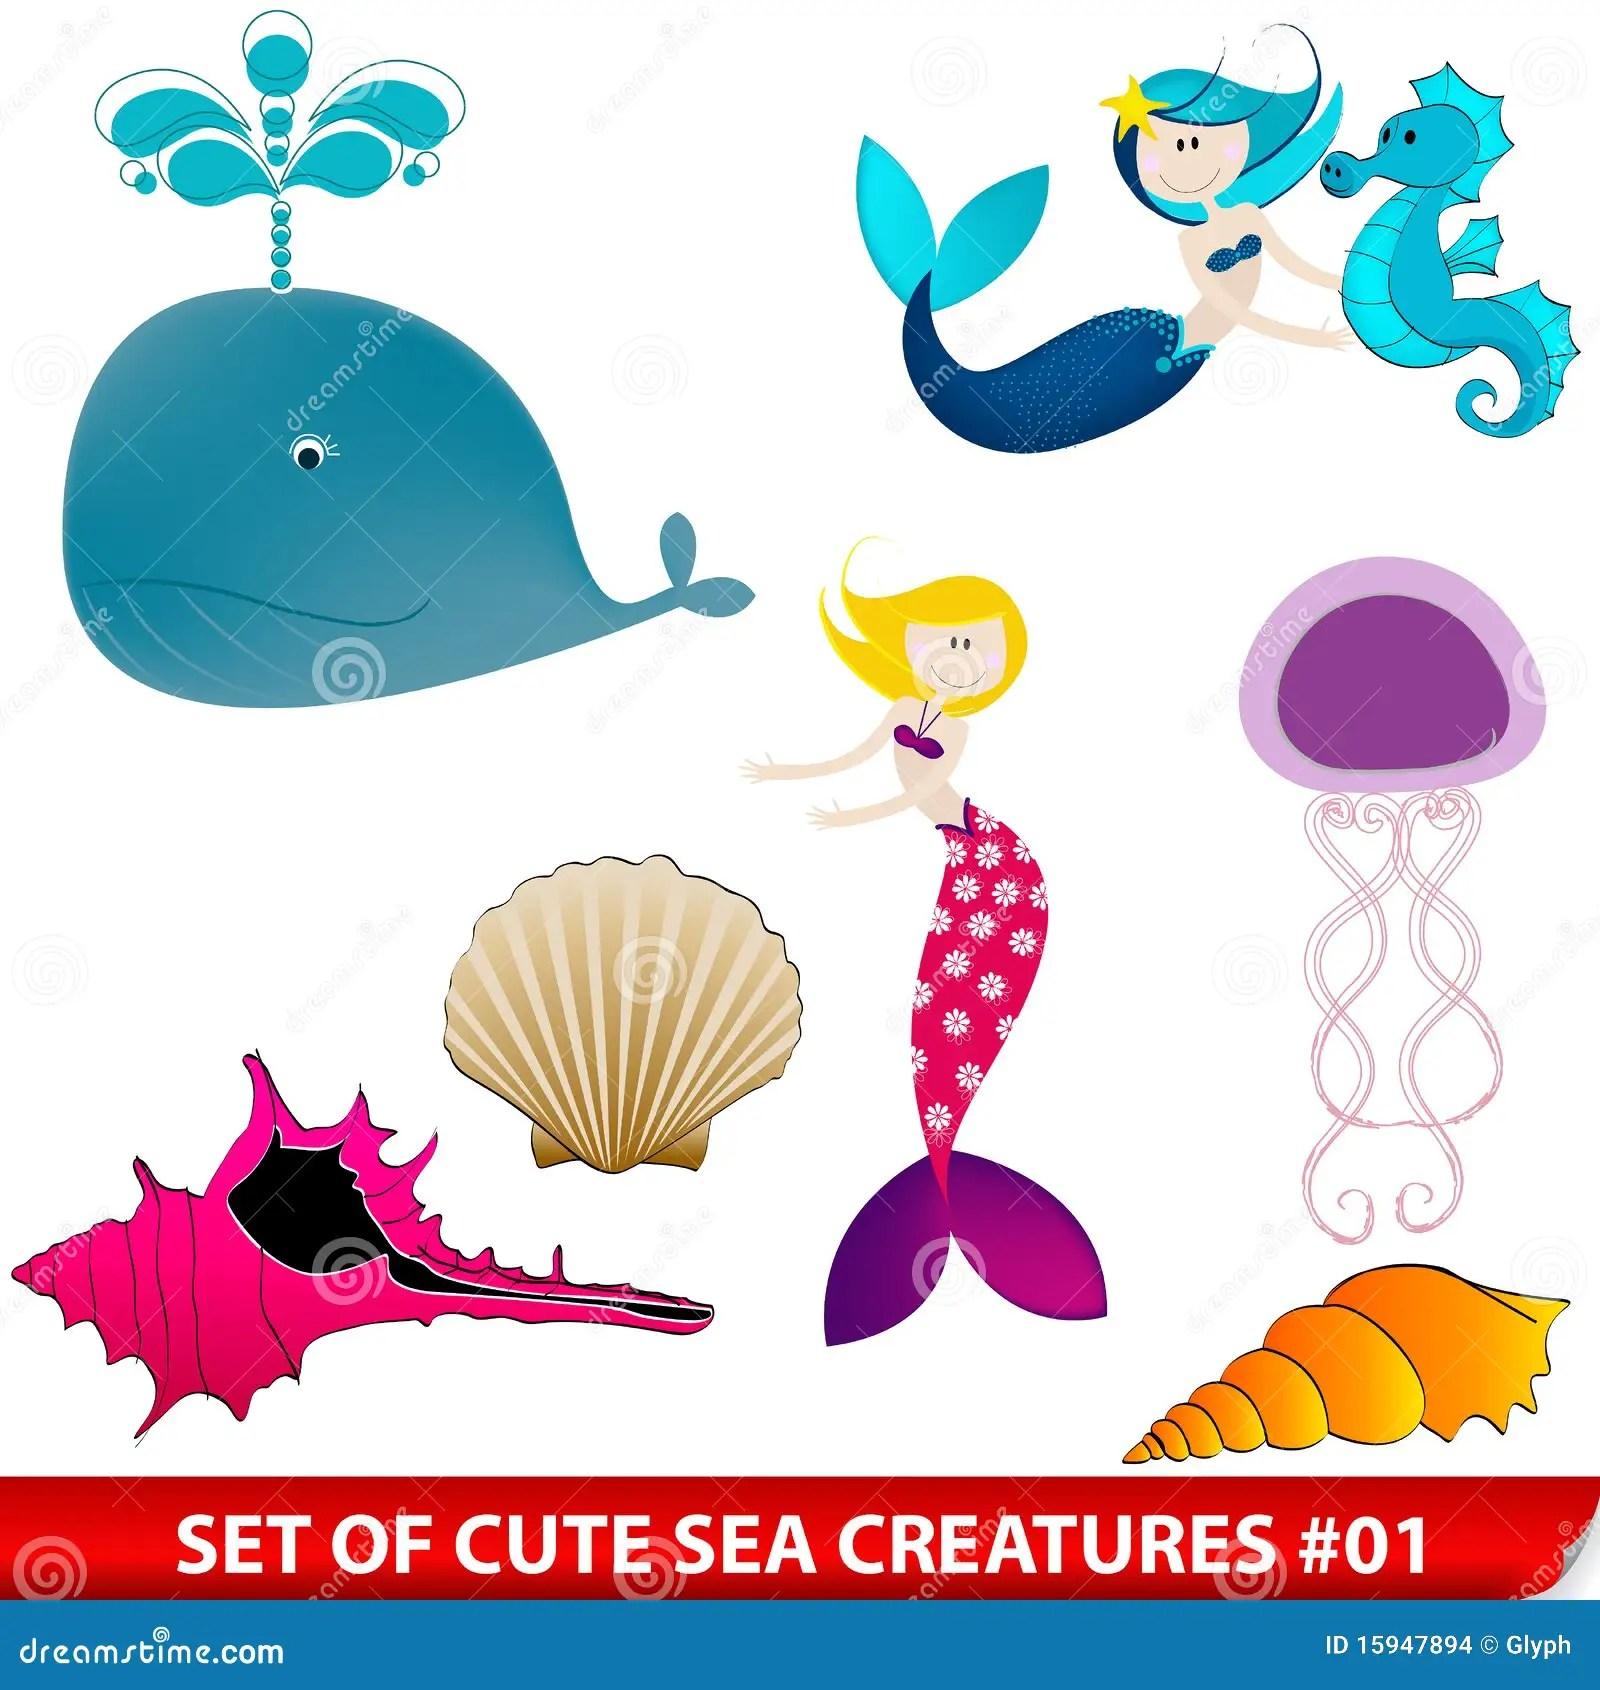 Cute Drawings Sea Creature